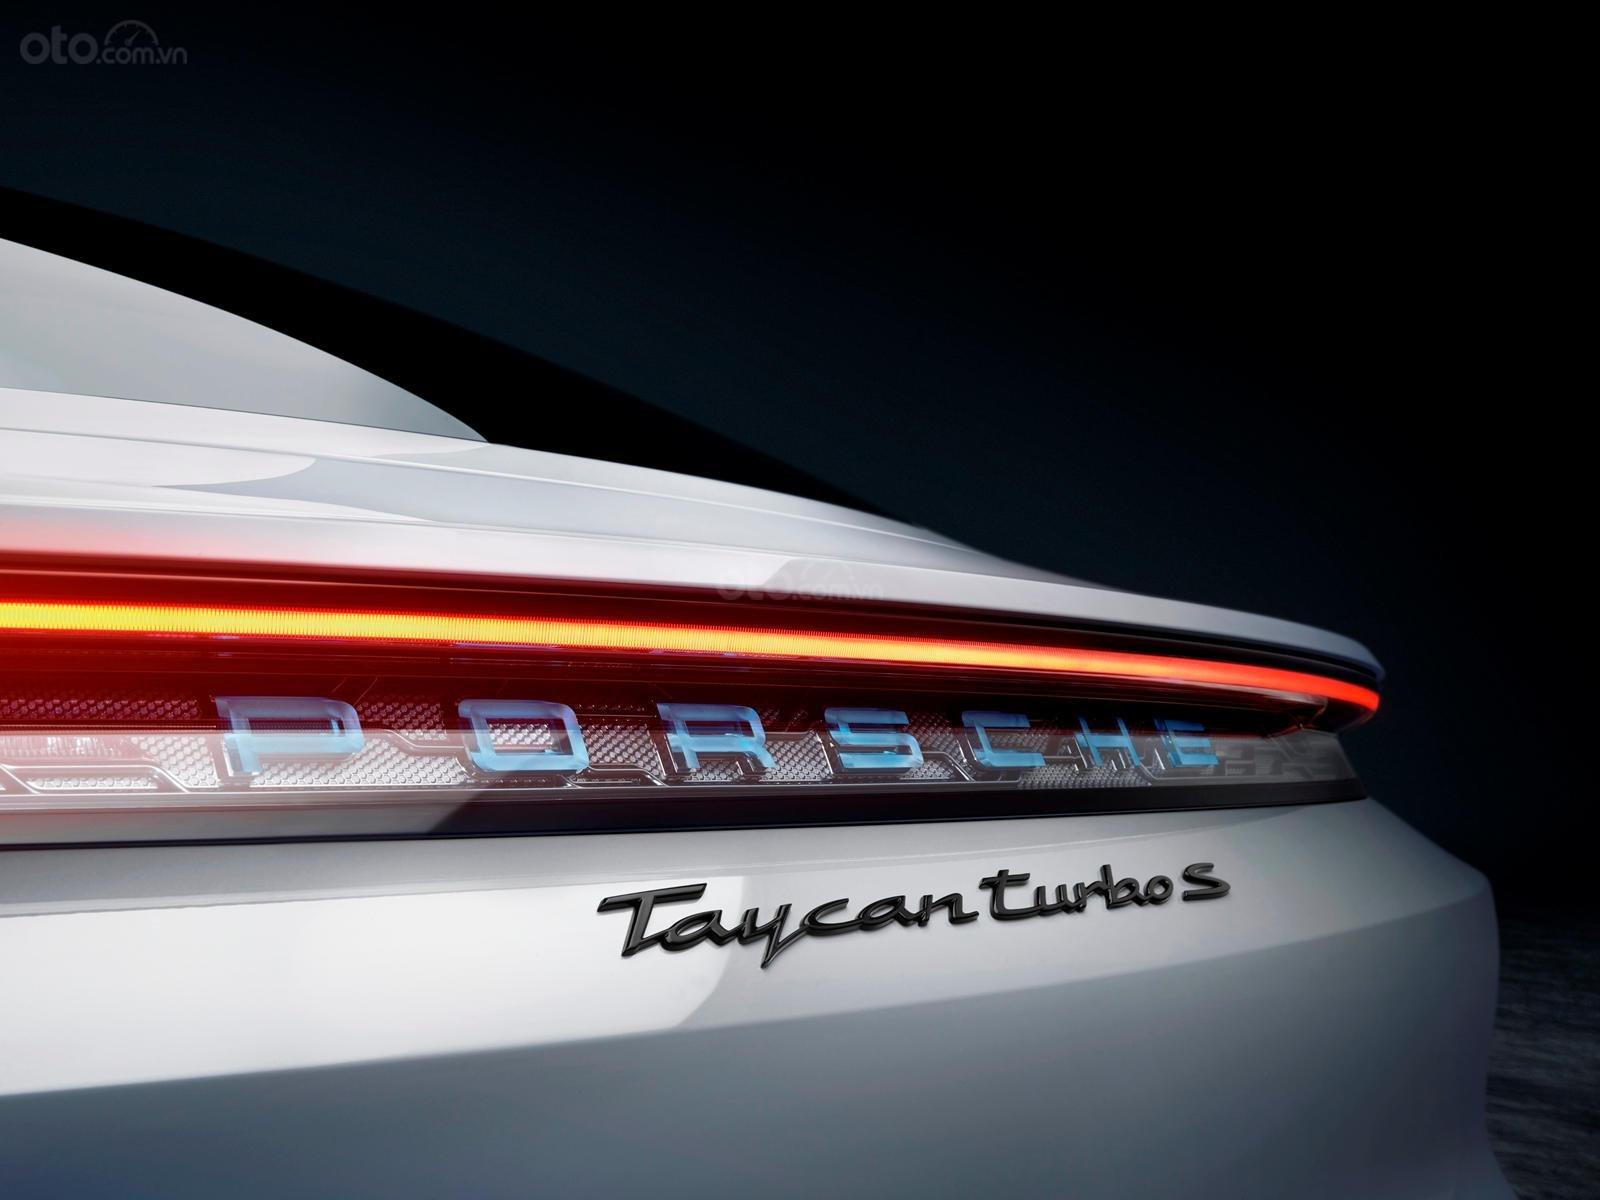 Đèn hậu xe Porsche Taycan 2020